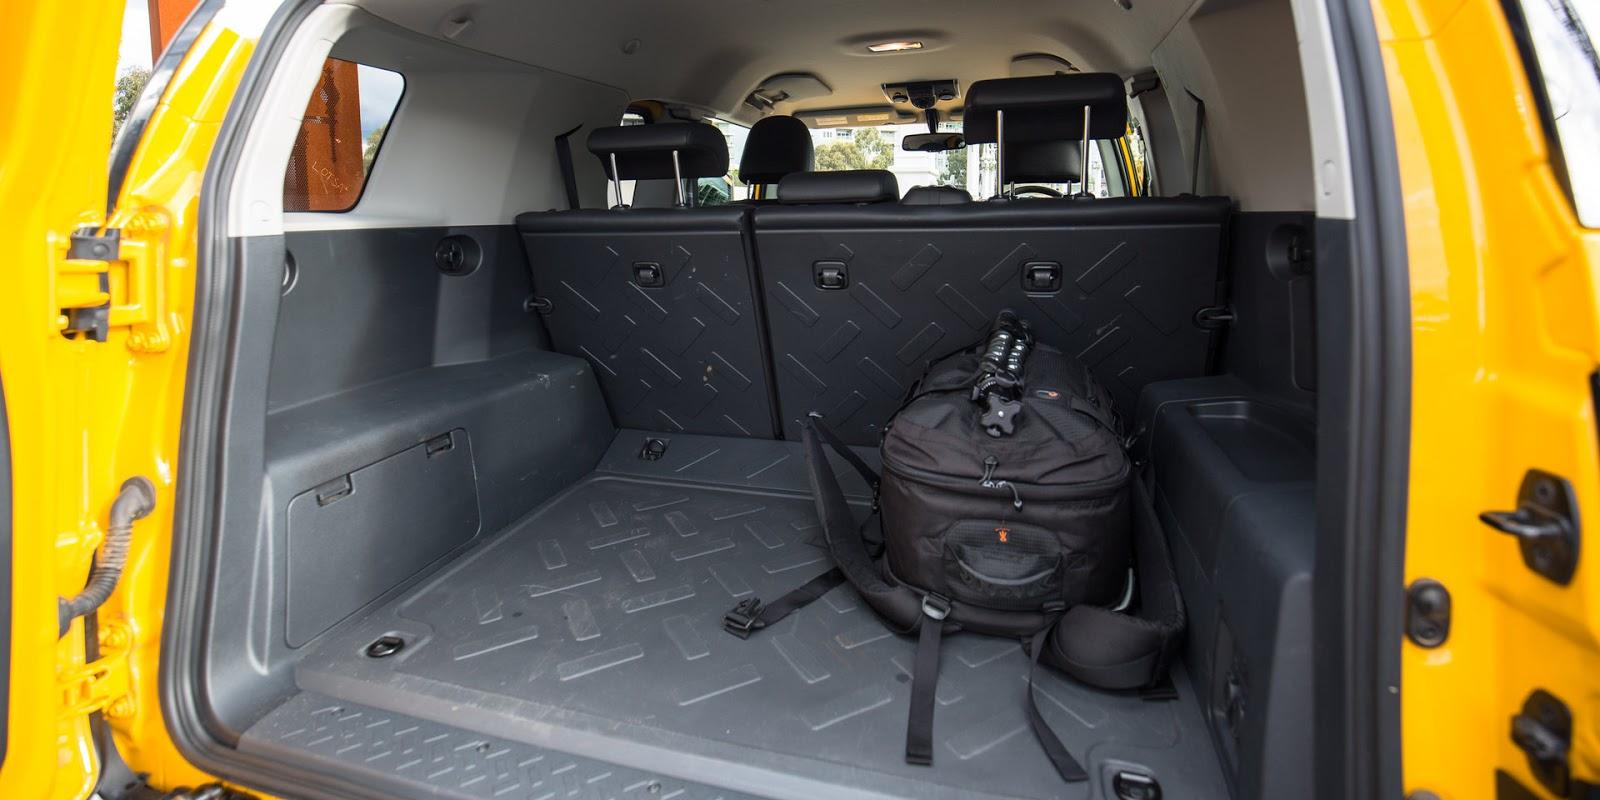 Khoang hành lý của Toyota FJ Cruiser 2016 siêu rộng